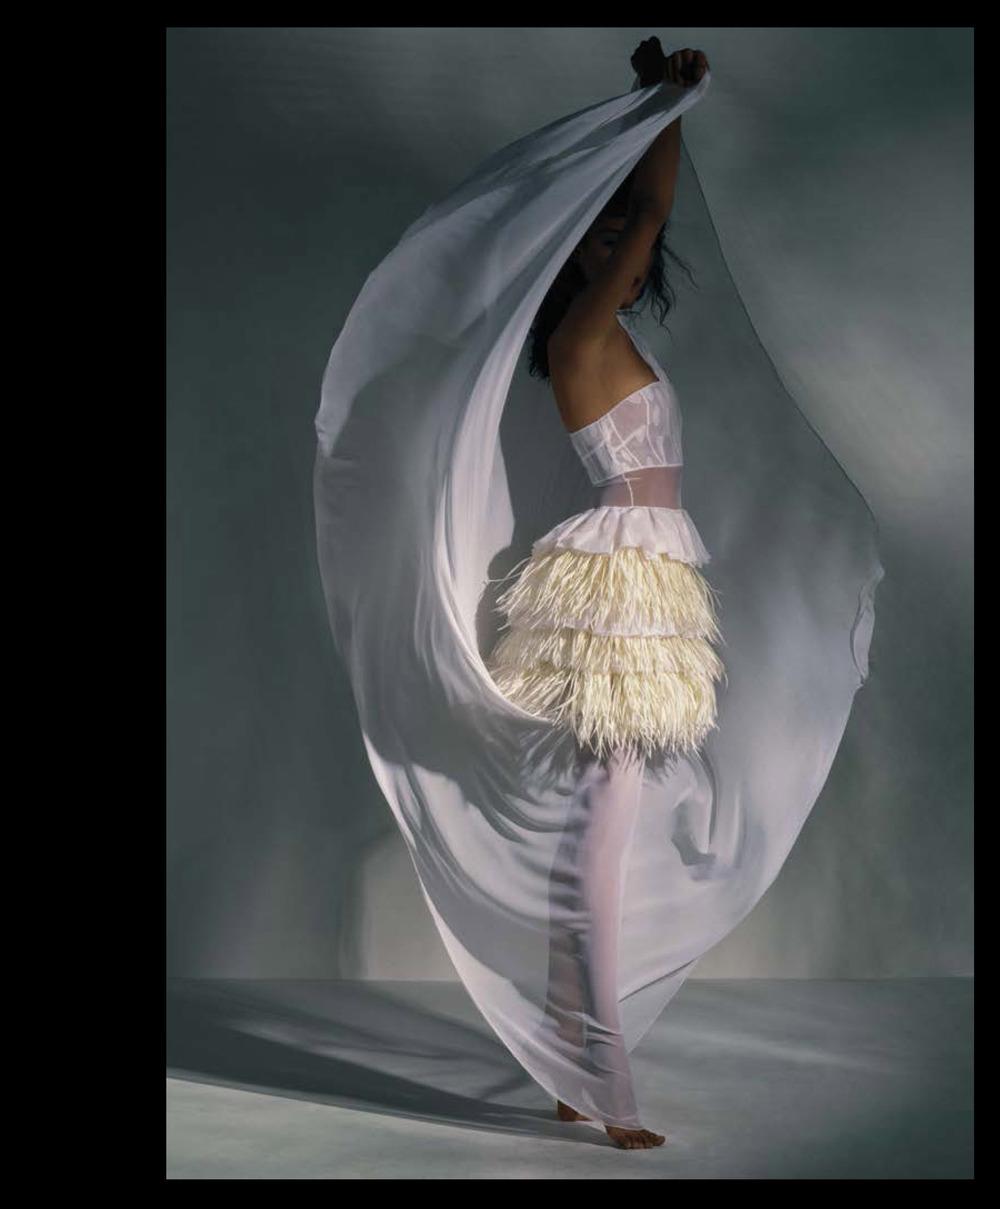 Joline Braun photo by patrick Ibanez styled by Giannie Couji - UBIKWIST ISSUE #2